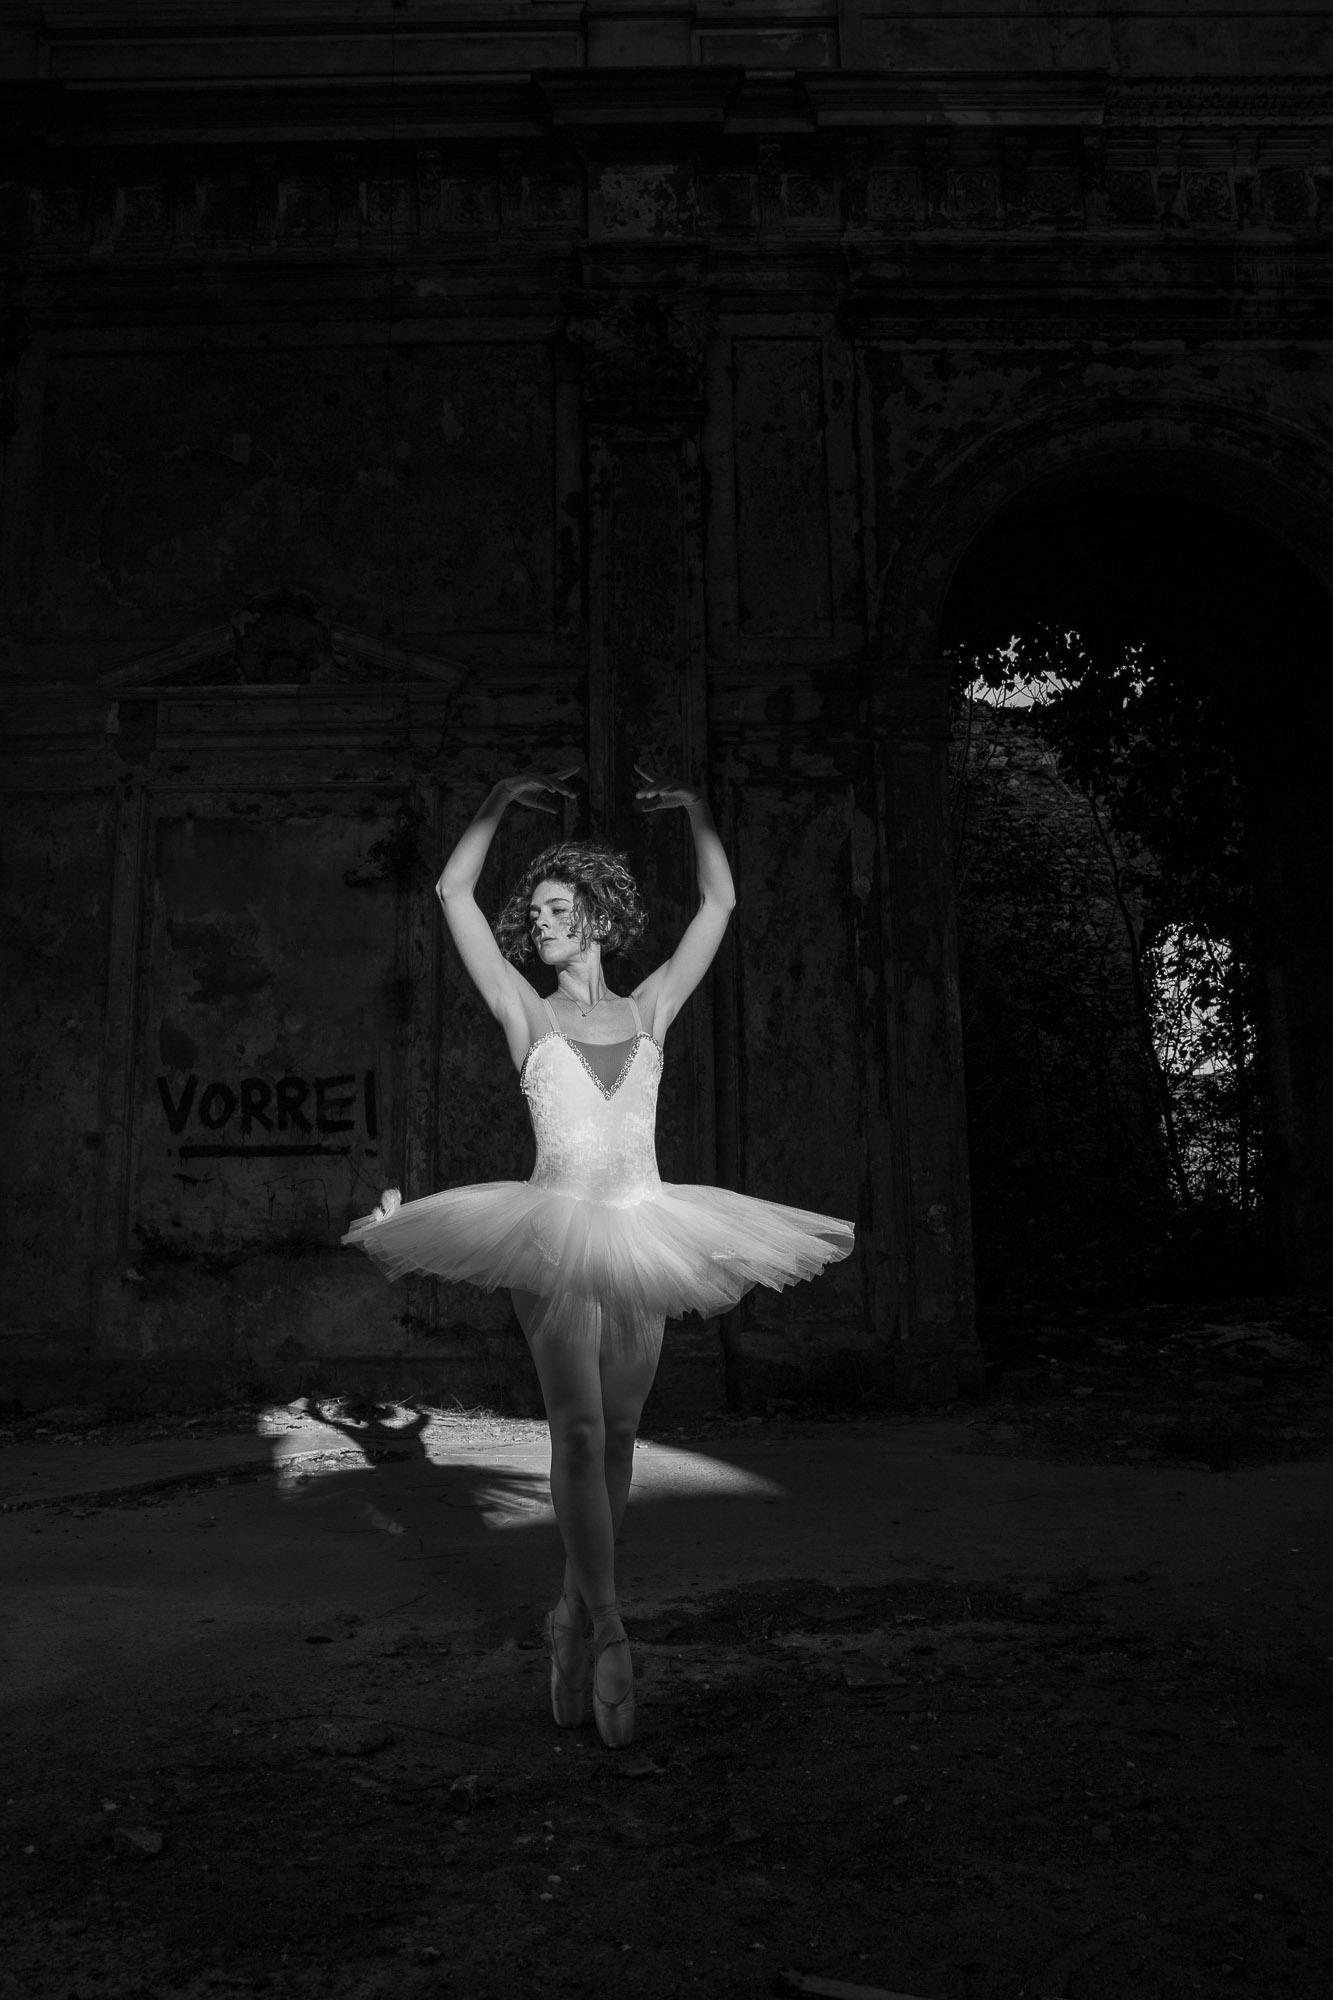 Ballerina_9a